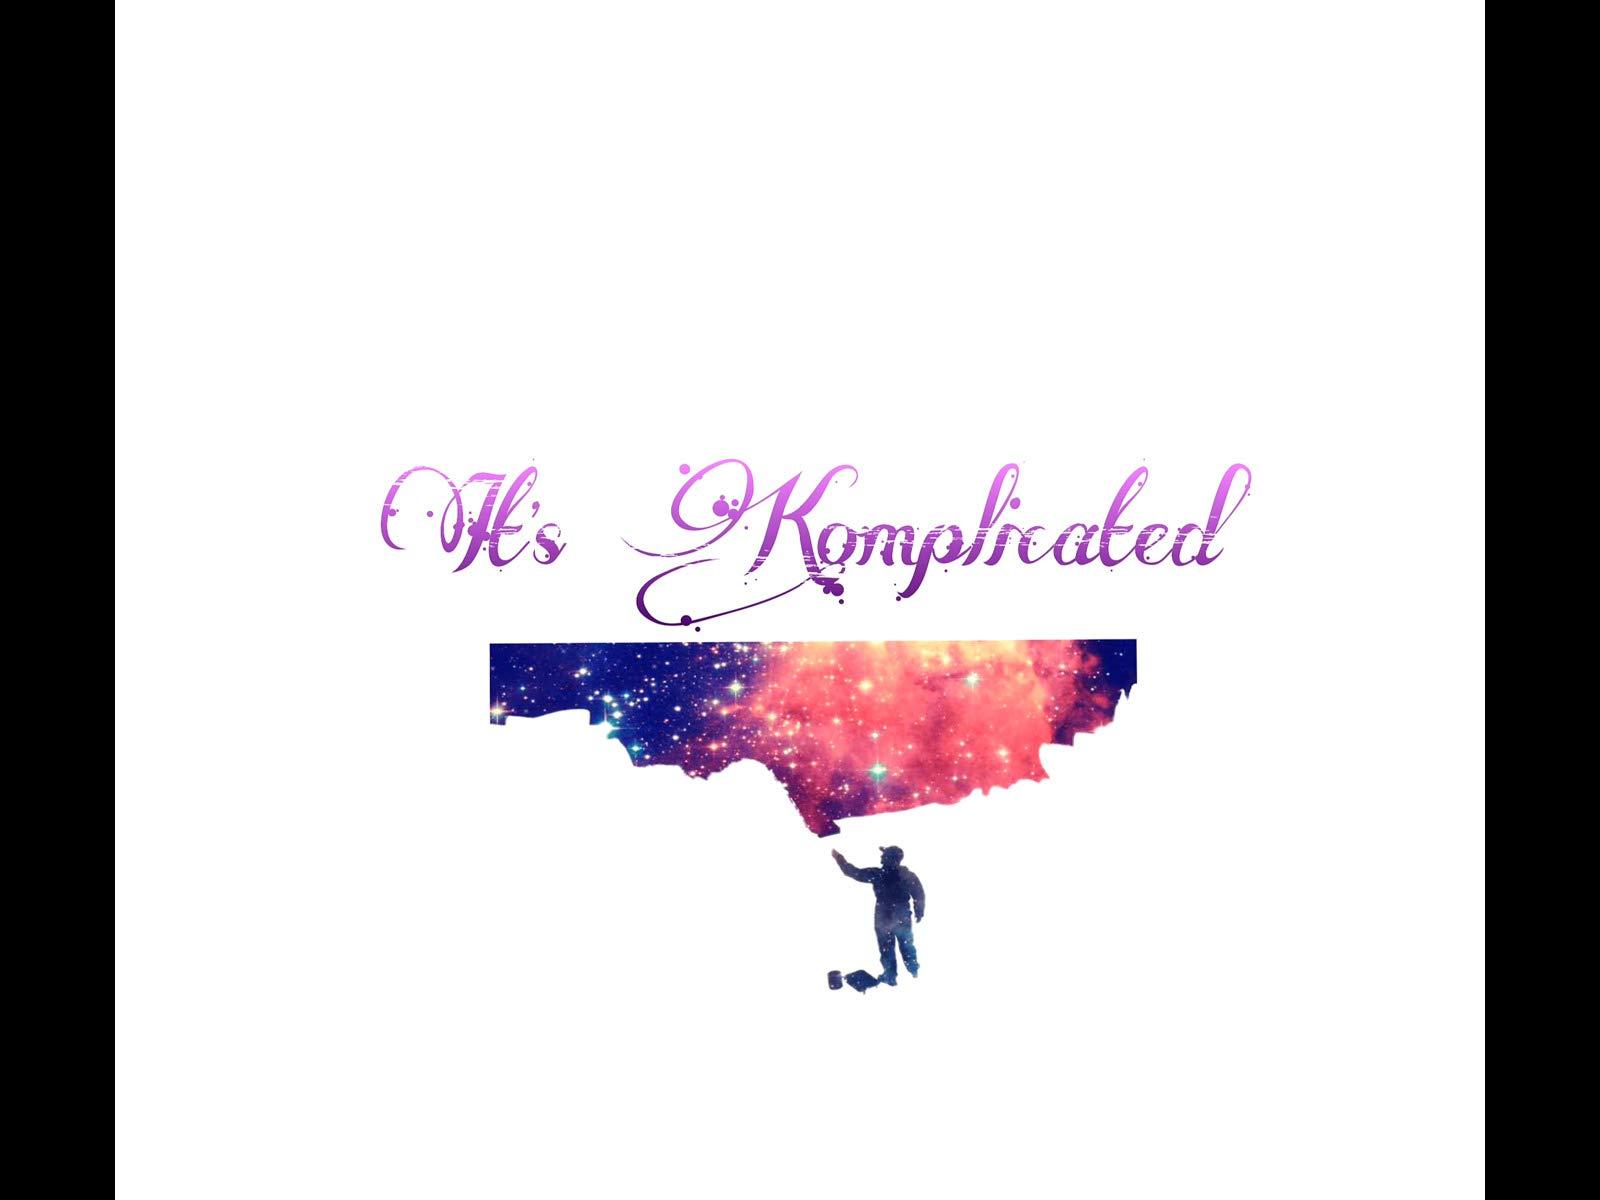 Its Komplicated